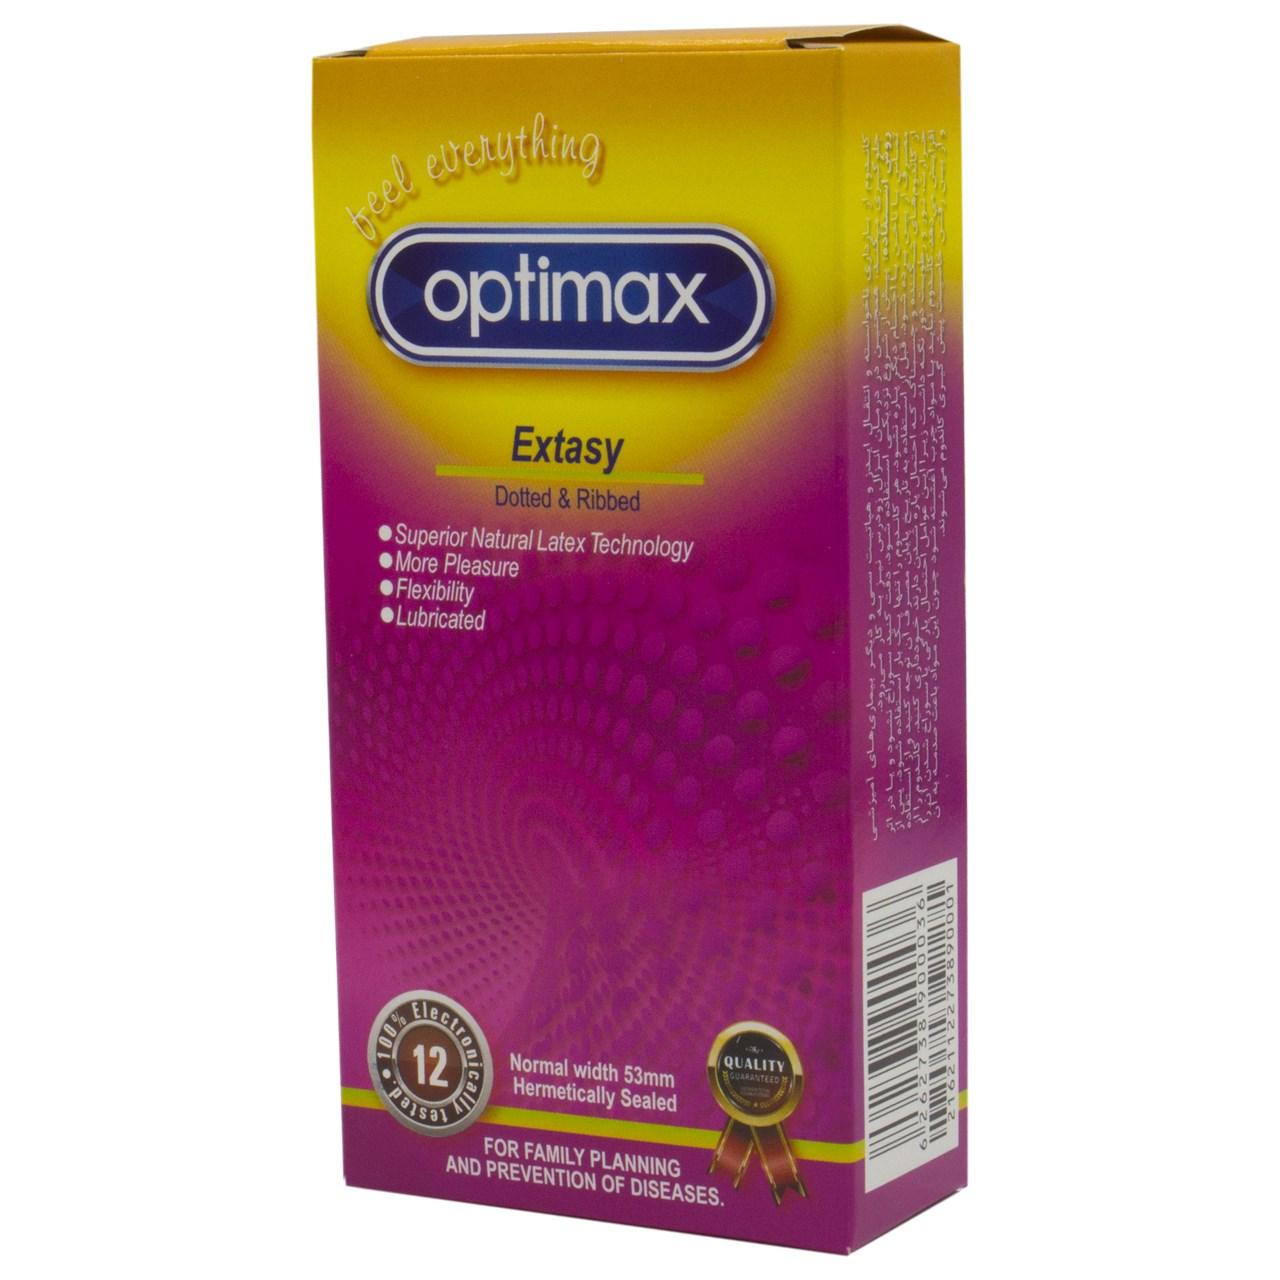 کاندوم اپتیمکس مدل Extasy بسته 12 عددی